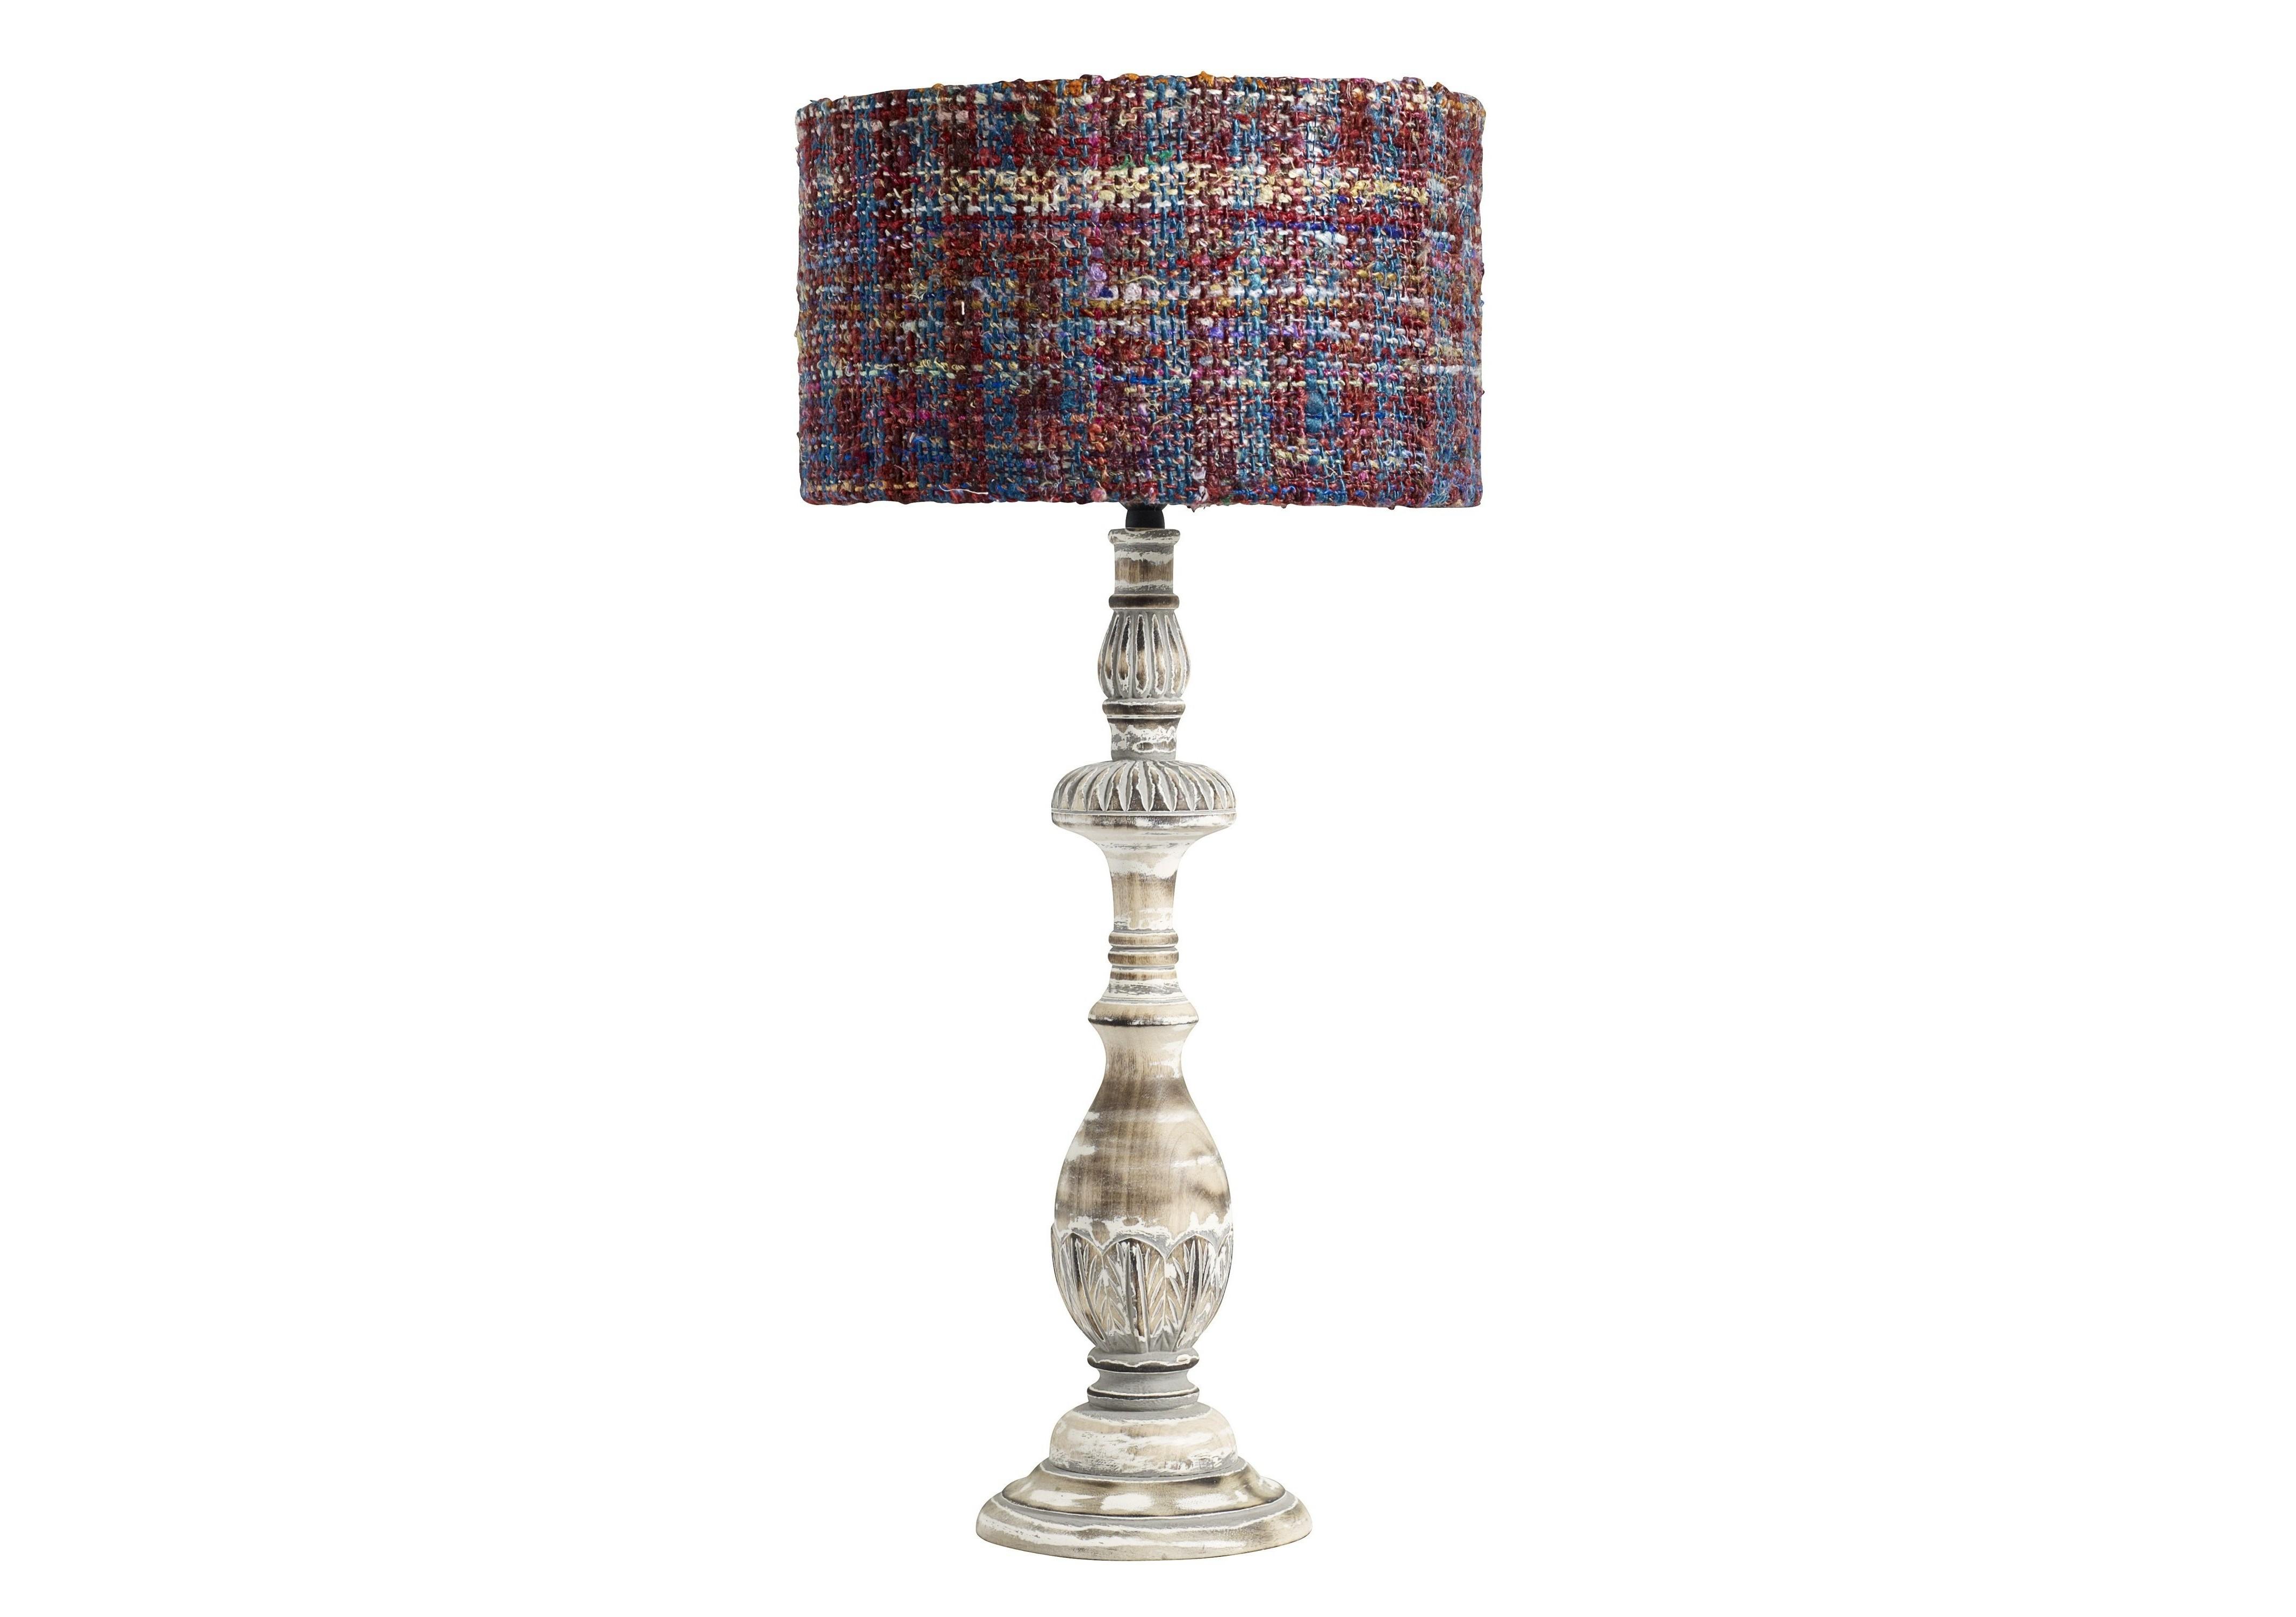 Лампа настольнаяДекоративные лампы<br>Настольная лампа с разноцветным плафоном на белой ножке от датской компании nordal. Создайте уютное освещение в гостиной и спальне в скандинавском стиле.&amp;amp;nbsp;&amp;lt;div&amp;gt;&amp;lt;br&amp;gt;&amp;lt;/div&amp;gt;&amp;lt;div&amp;gt;&amp;lt;div&amp;gt;Цоколь: E27,&amp;amp;nbsp;&amp;lt;/div&amp;gt;&amp;lt;div&amp;gt;Мощность лампы: 60W&amp;amp;nbsp;&amp;lt;/div&amp;gt;&amp;lt;div&amp;gt;Кол-во лампочек: 1 (в комплект не входит)&amp;lt;/div&amp;gt;&amp;lt;/div&amp;gt;&amp;lt;div&amp;gt;&amp;lt;br&amp;gt;&amp;lt;/div&amp;gt;&amp;lt;div&amp;gt;&amp;lt;br&amp;gt;&amp;lt;/div&amp;gt;<br><br>Material: Дерево<br>Height см: 53<br>Diameter см: 15